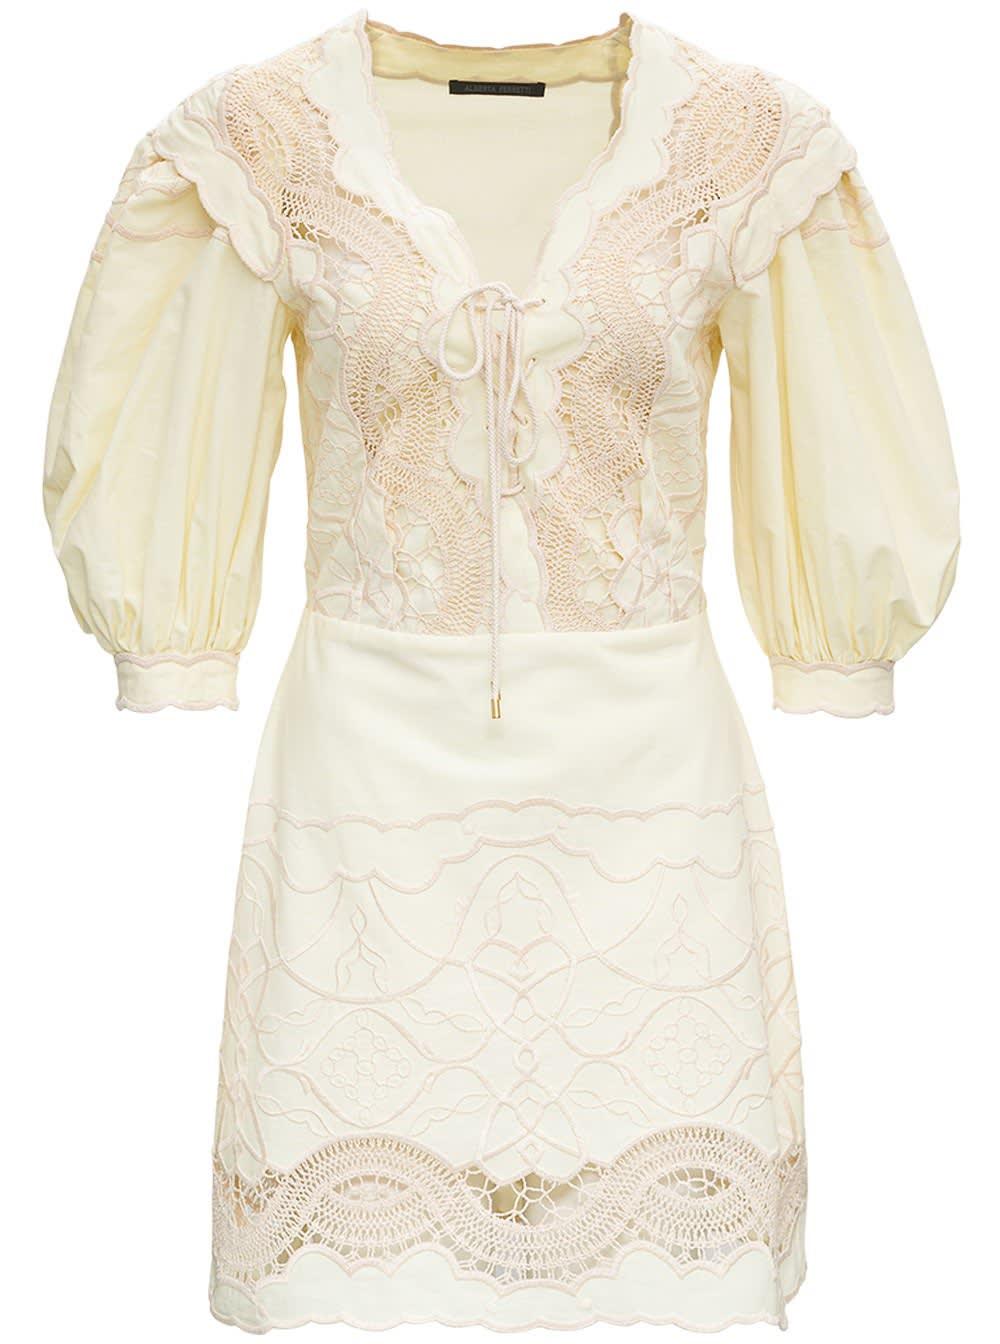 Alberta Ferretti Yellow Cotton Chambray Dress